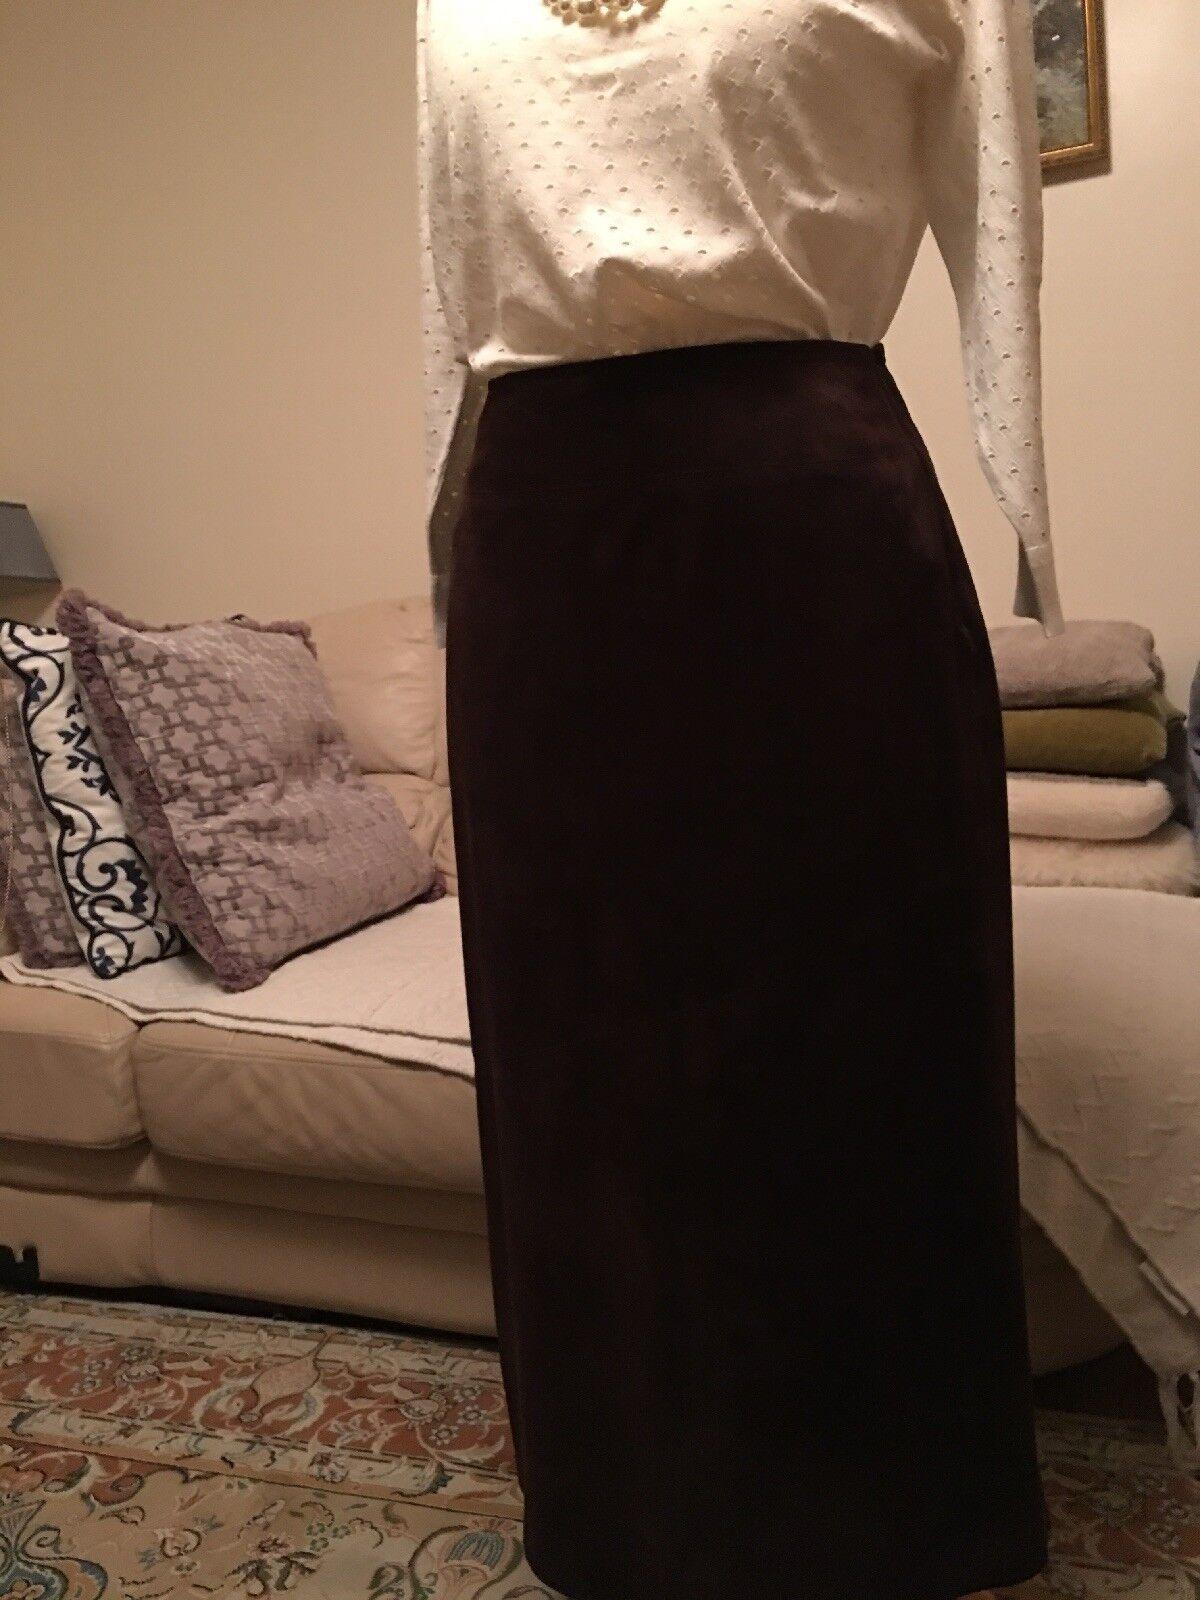 Boden Mujer Falda De Cuero Y Gamuza 100%, marrón, marrón, marrón, talla 10 bec152